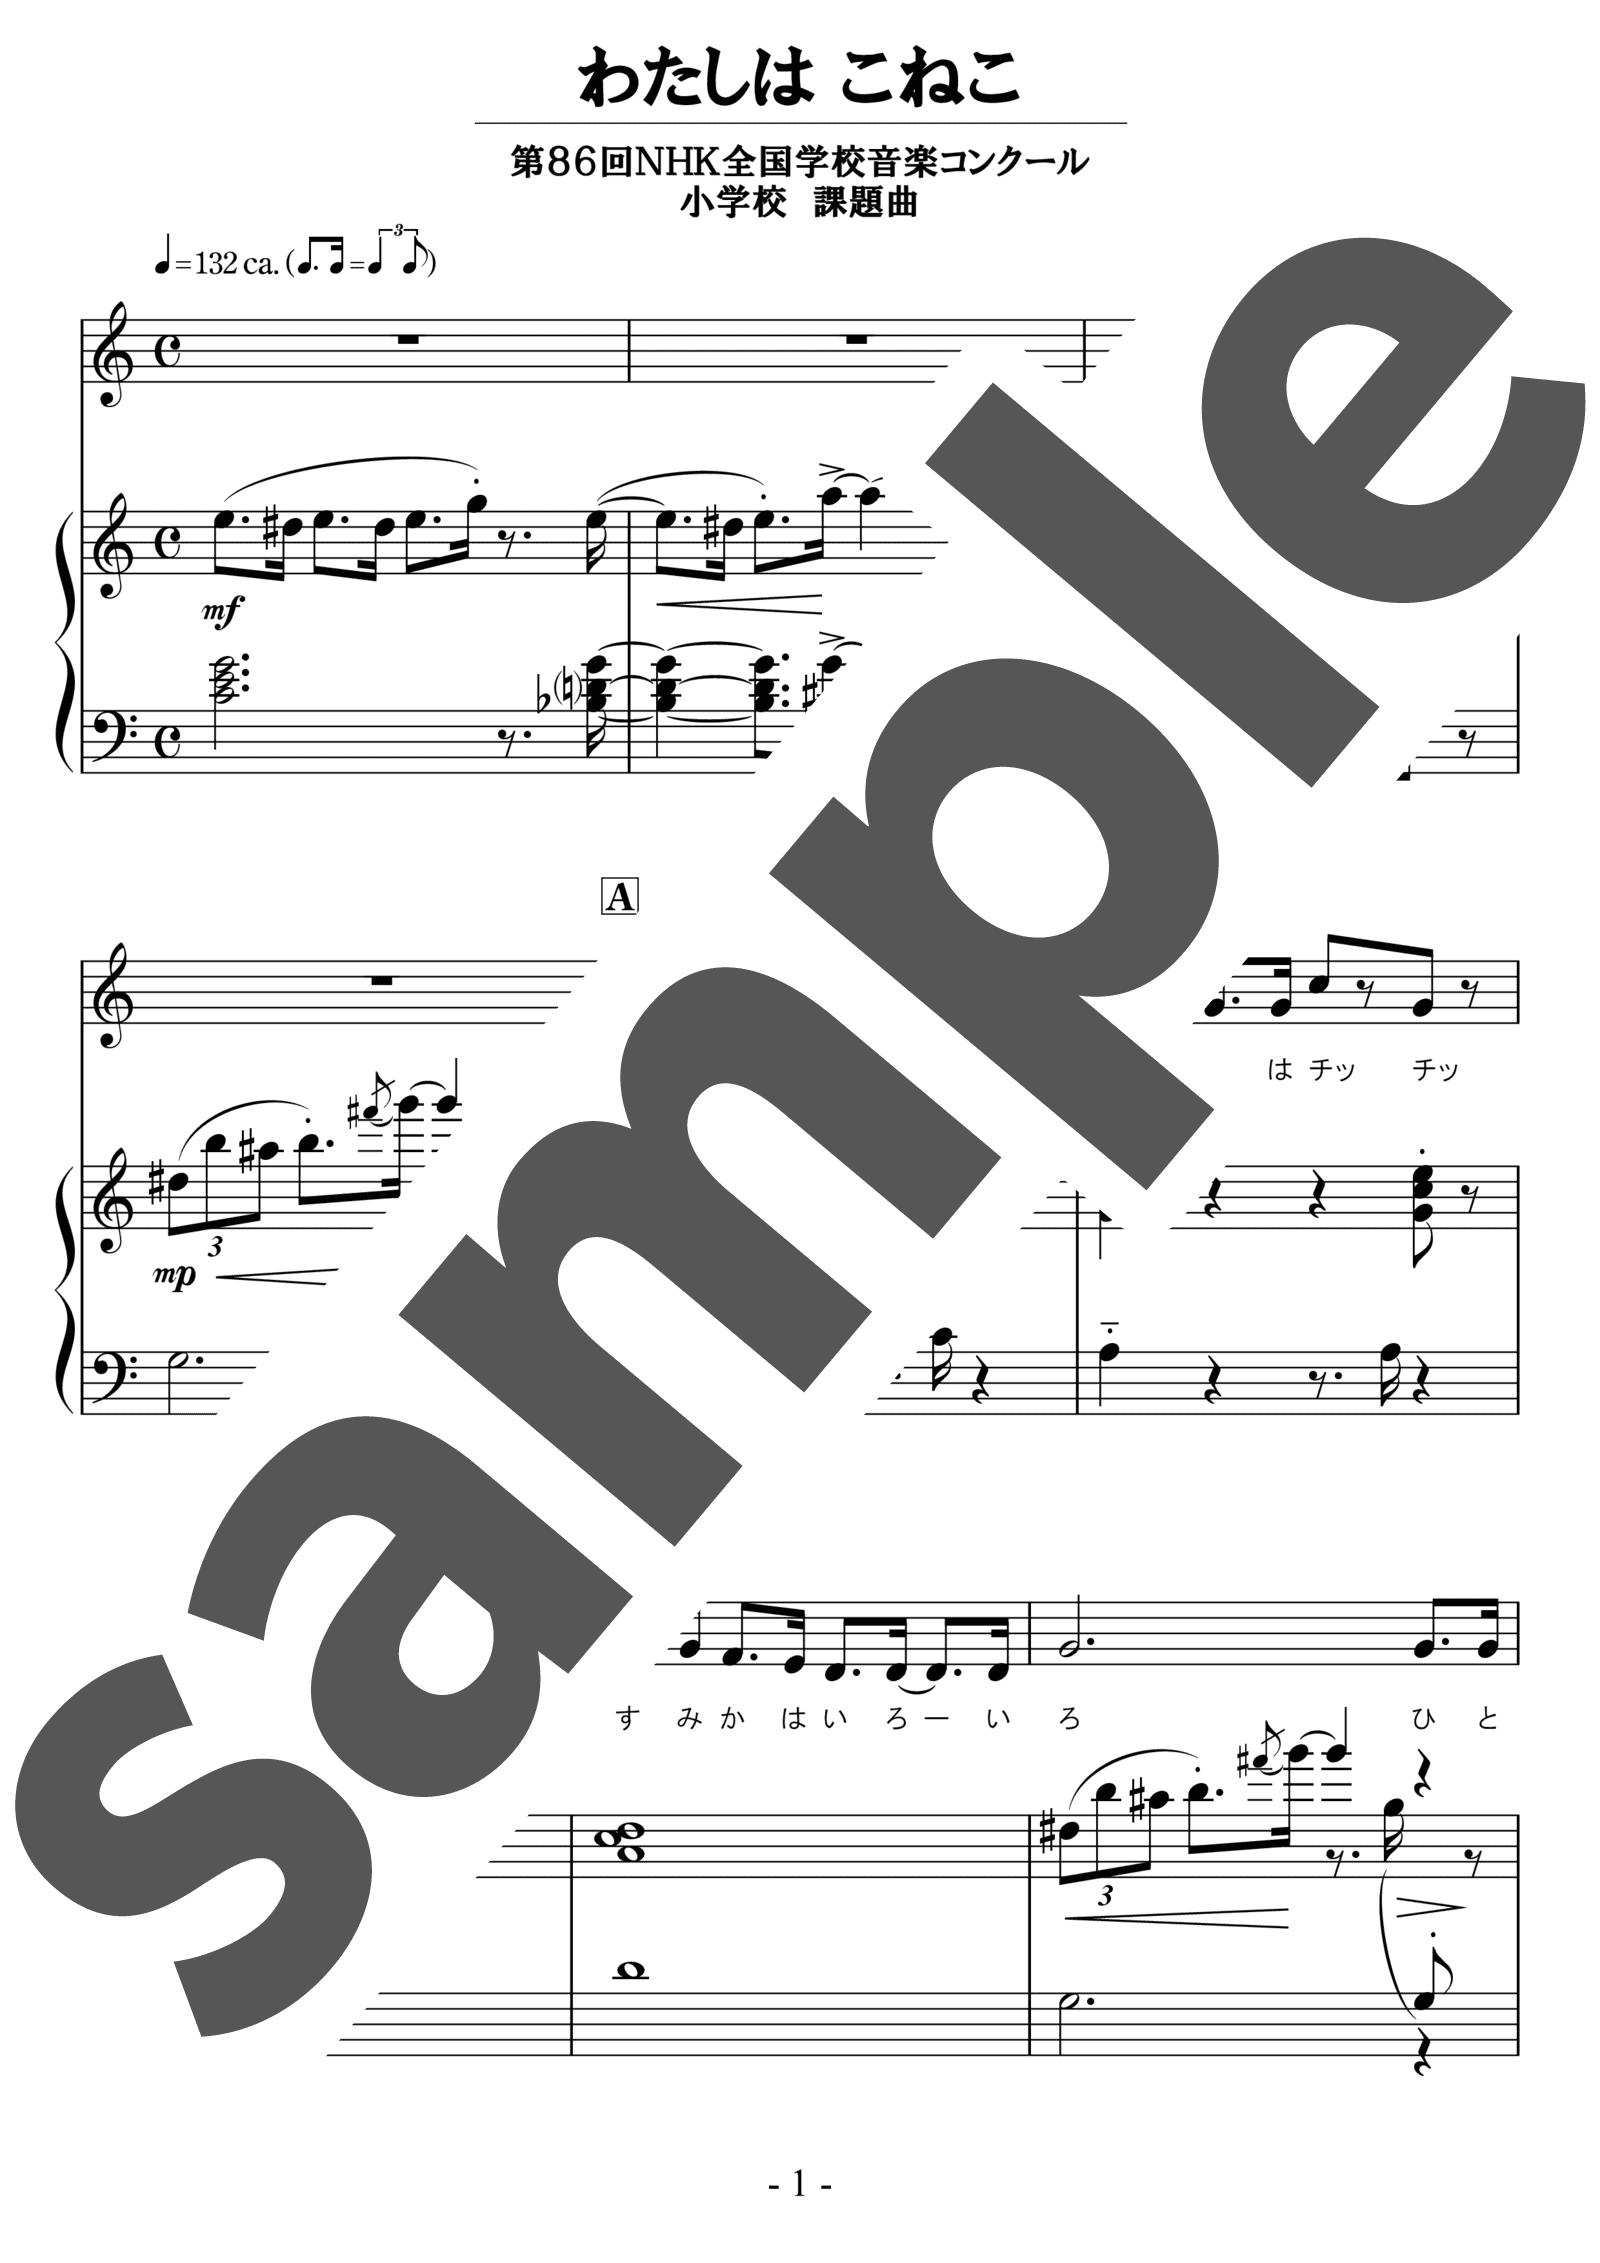 「わたしはこねこ」のサンプル楽譜